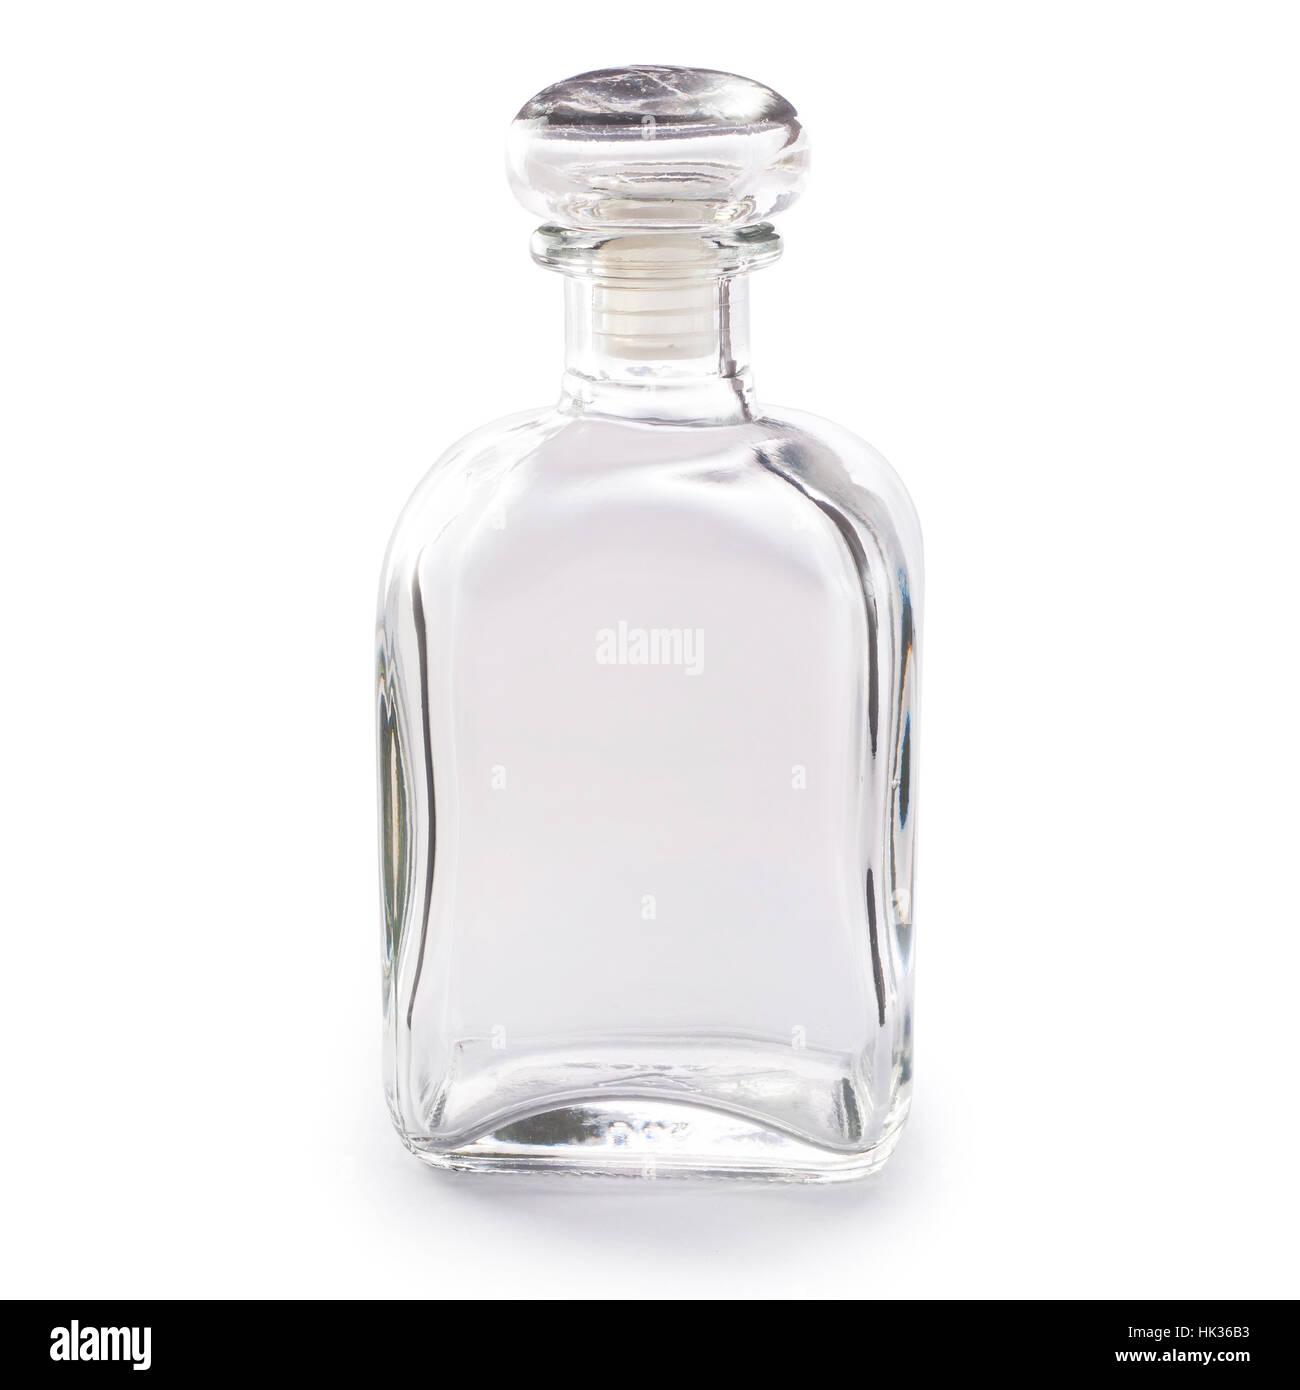 Svuotare la bottiglia di vetro isolato su sfondo bianco Immagini Stock